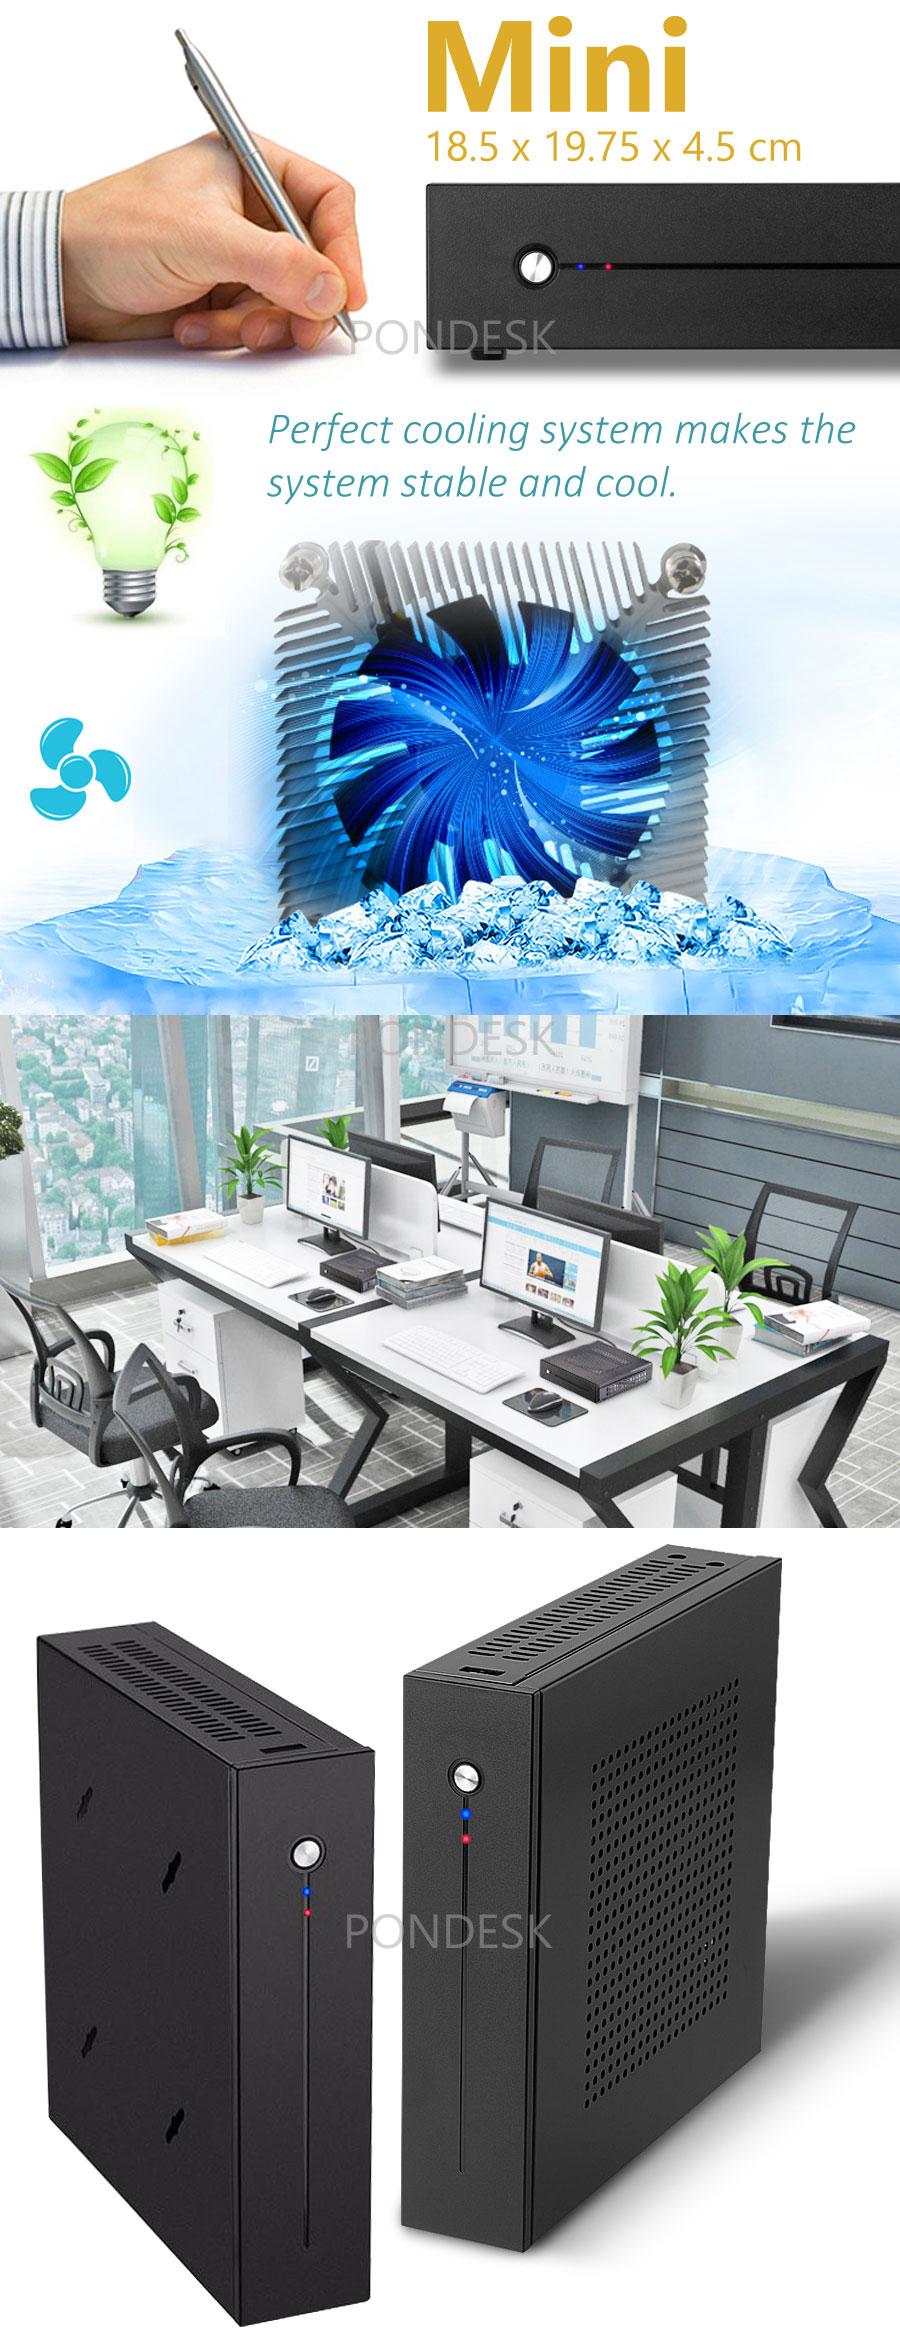 7th Gen Intel® Kaby Lake 2.9GHz 2 LAN HDMI 4K HD 610 Mini PC - MNHO-063 | Image